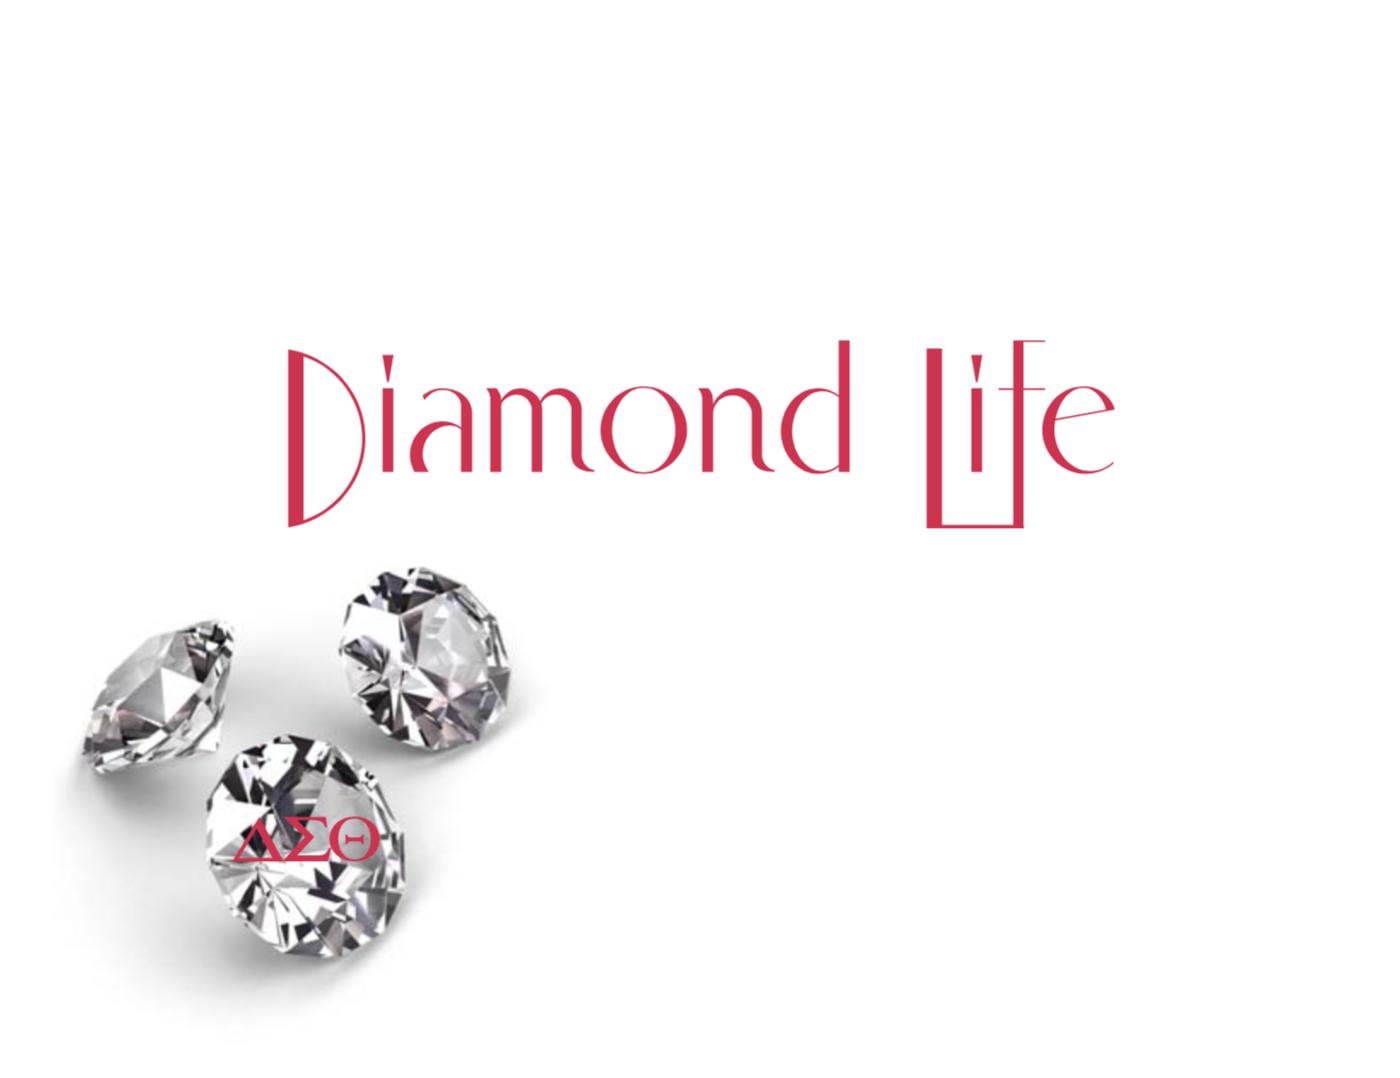 DIAMOND LIFE MEMBER